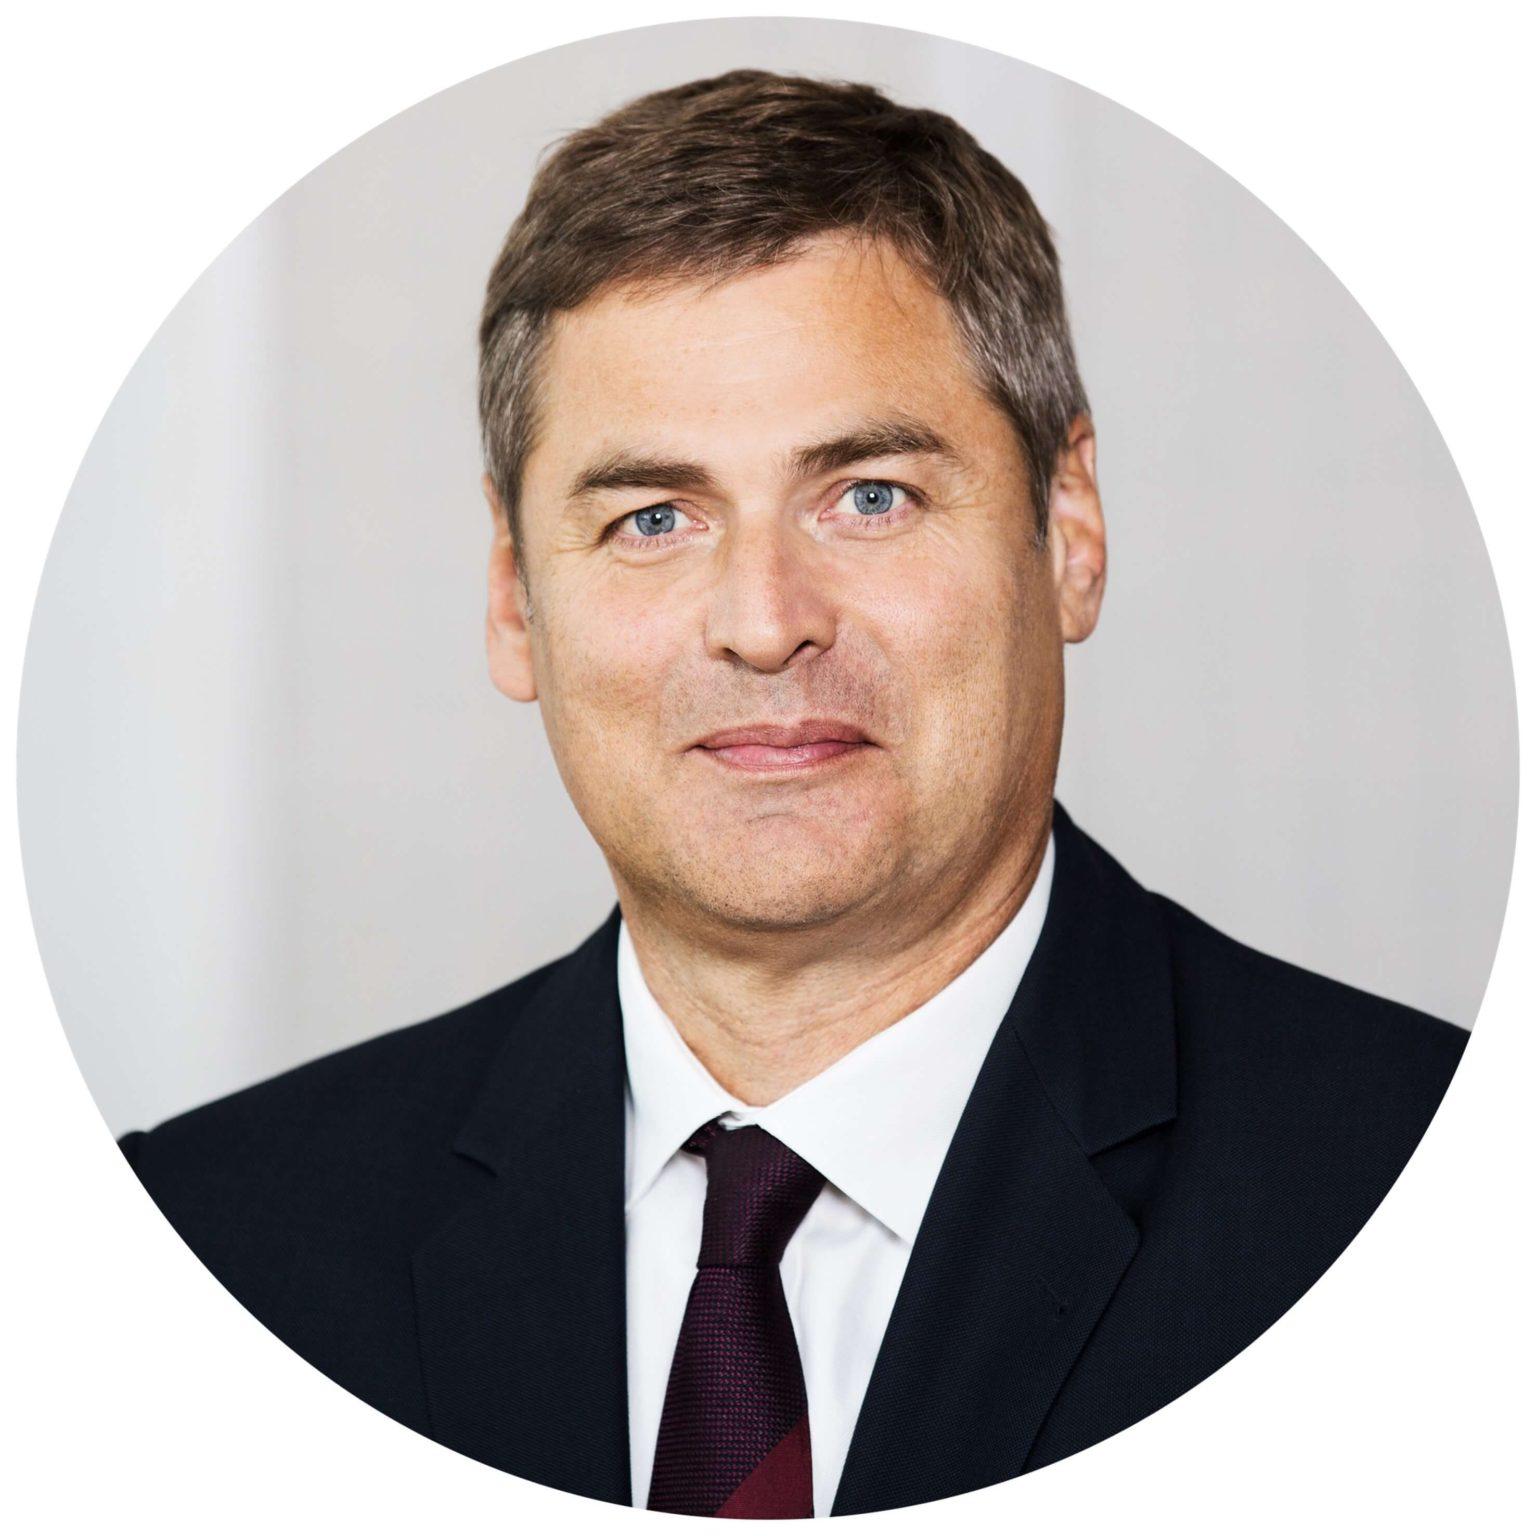 gerald-klein-interview-2021